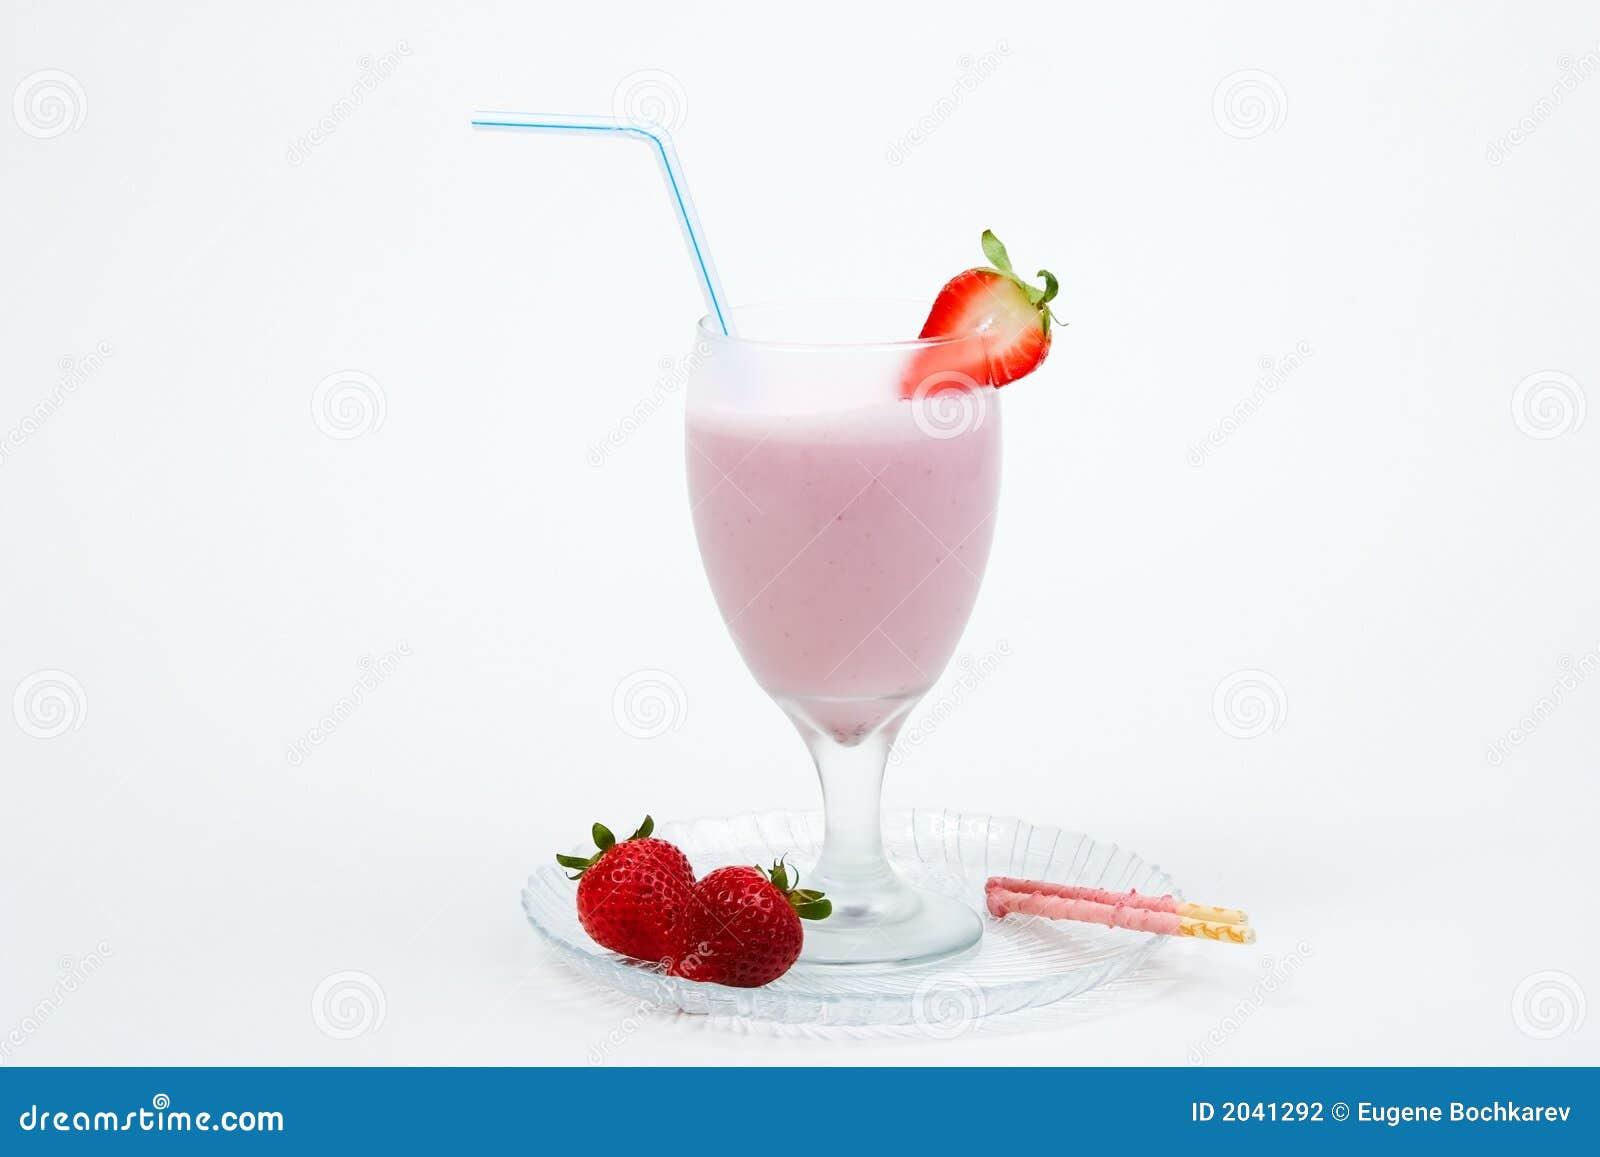 圆滑的人草莓